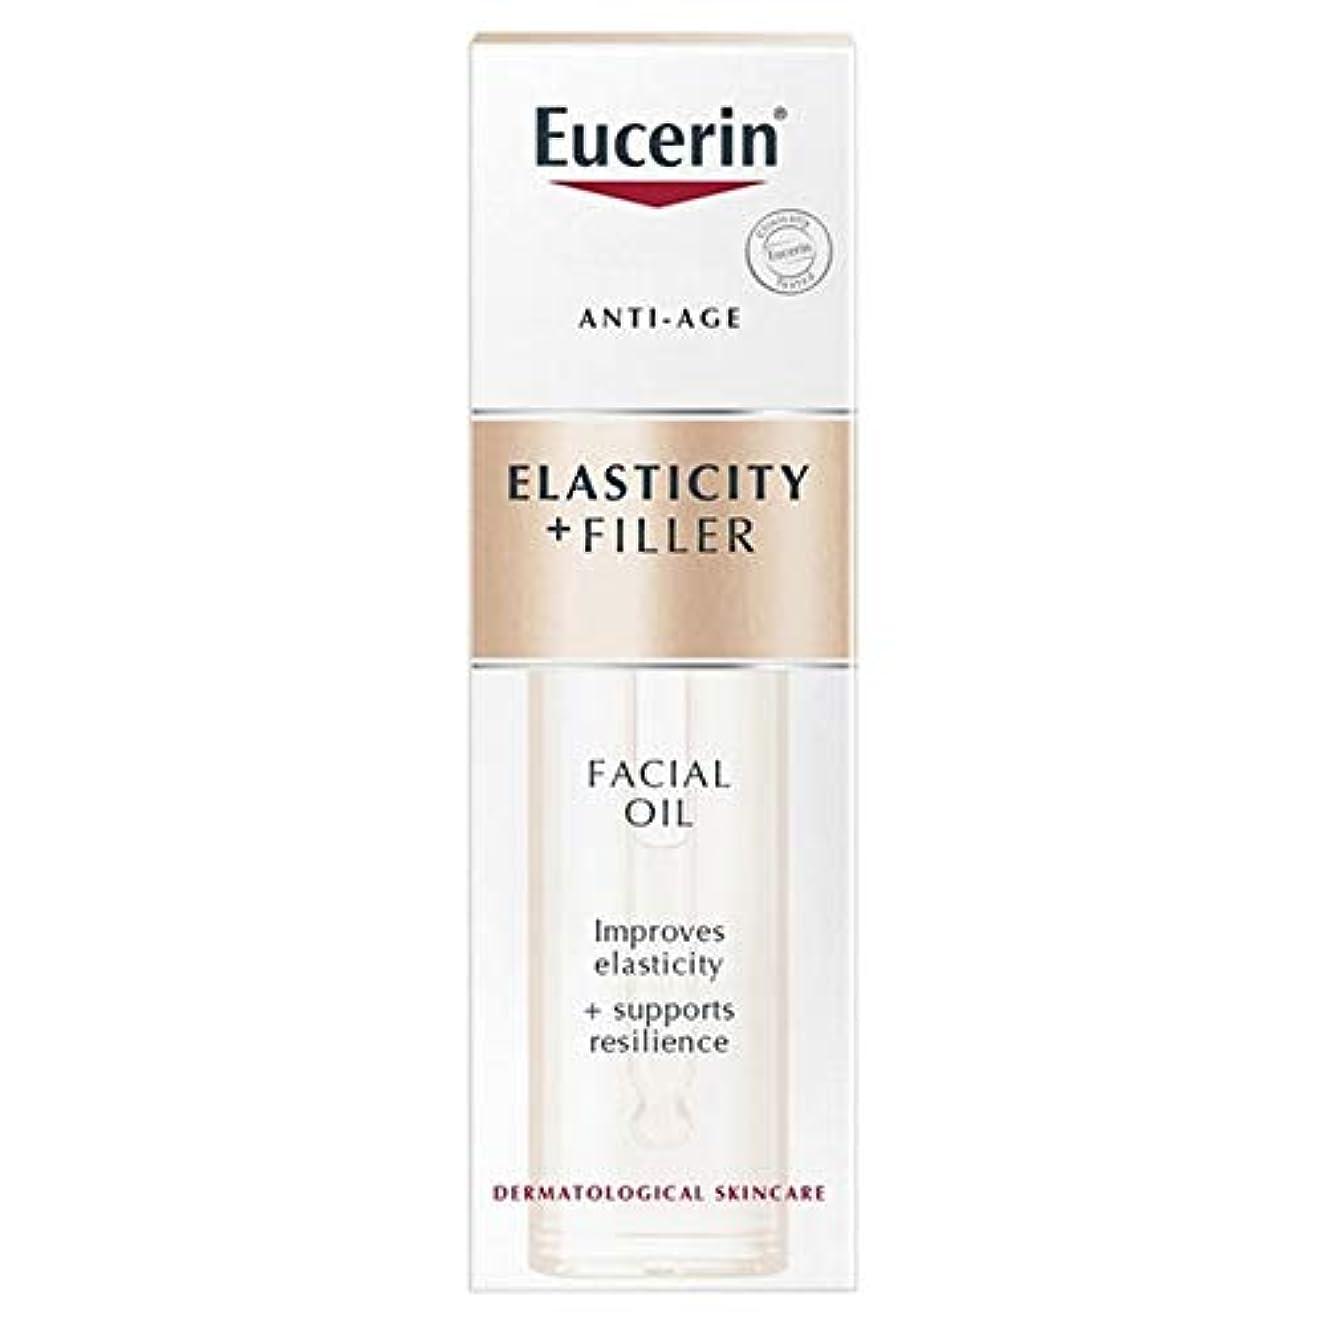 フィードオンワット関連する[Eucerin ] ユーセリン抗年齢の弾力+フィラーフェイシャルオイル30ミリリットル - Eucerin Anti-Age Elasticity + Filler Facial Oil 30ml [並行輸入品]